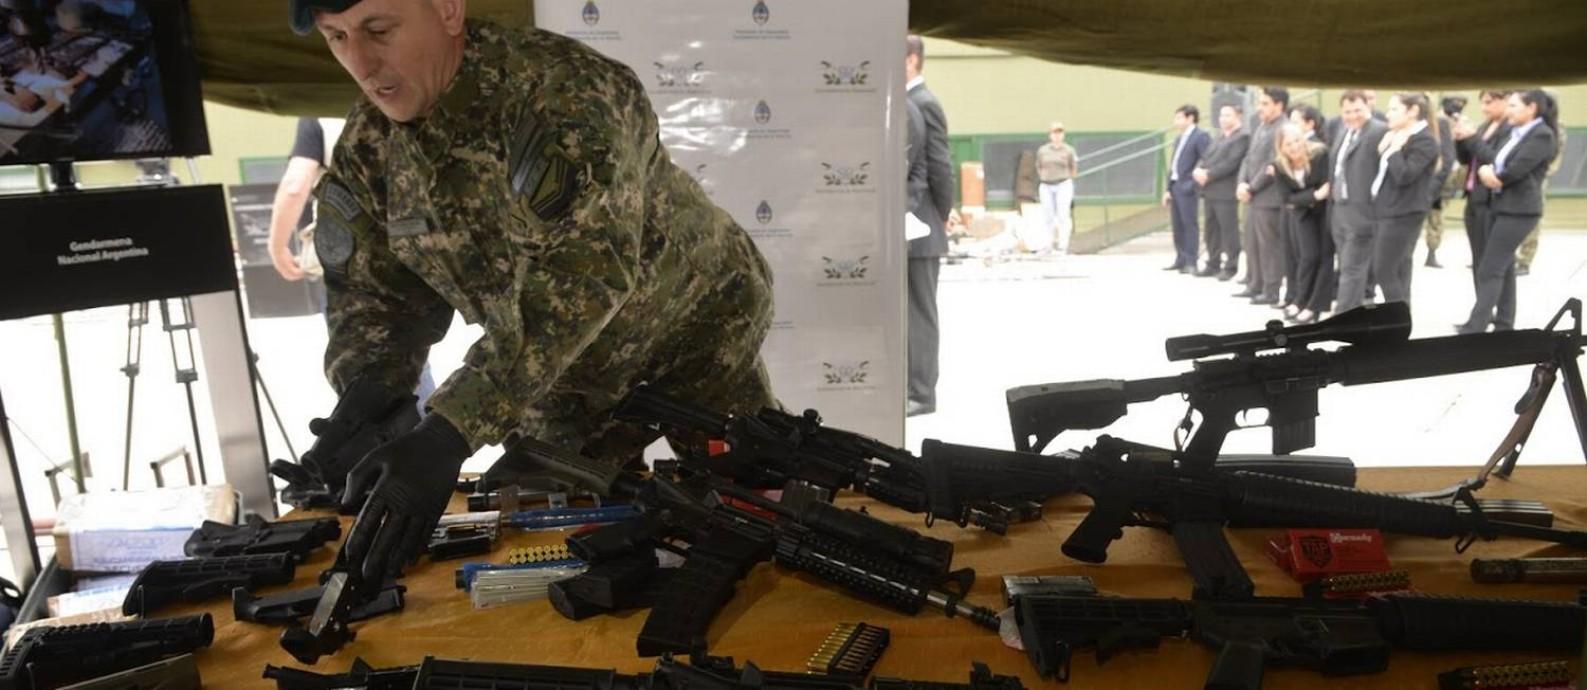 Armas de guerra seriam enviadas aos morros do Rio. Foto: Polícia Federal da Argentina